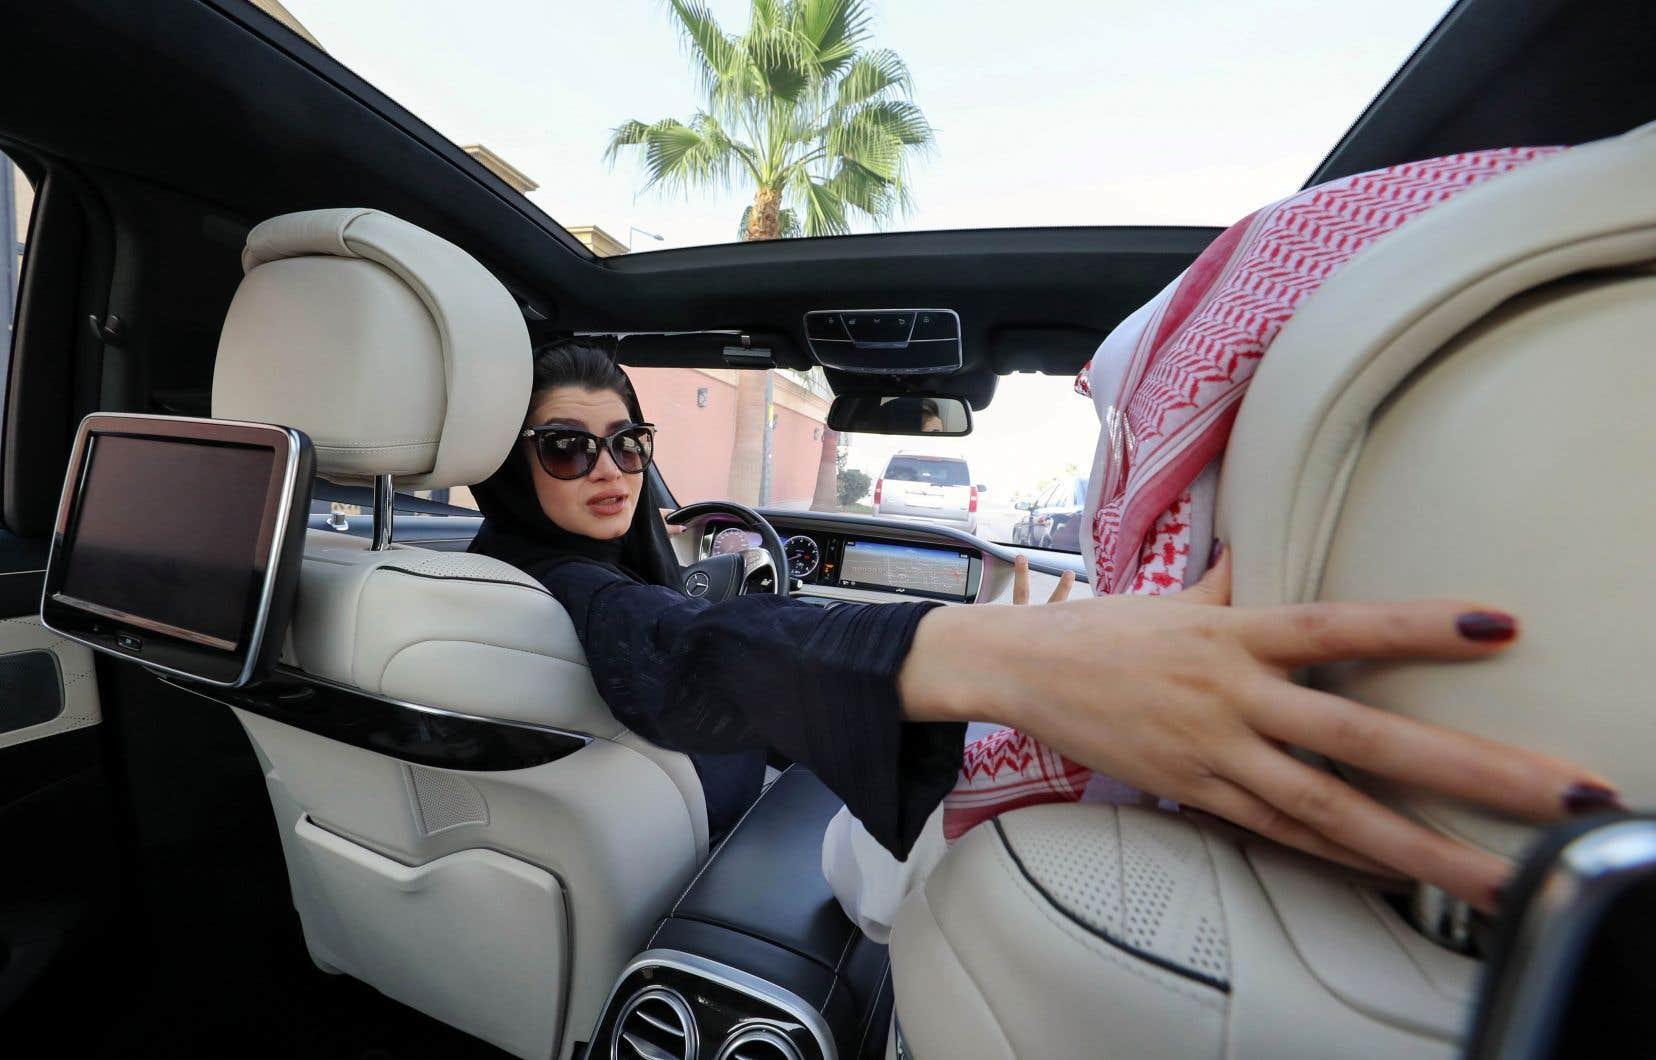 La plus emblématique des réformes a été celle permettant aux femmes de conduire une voiture depuis juin 2018.